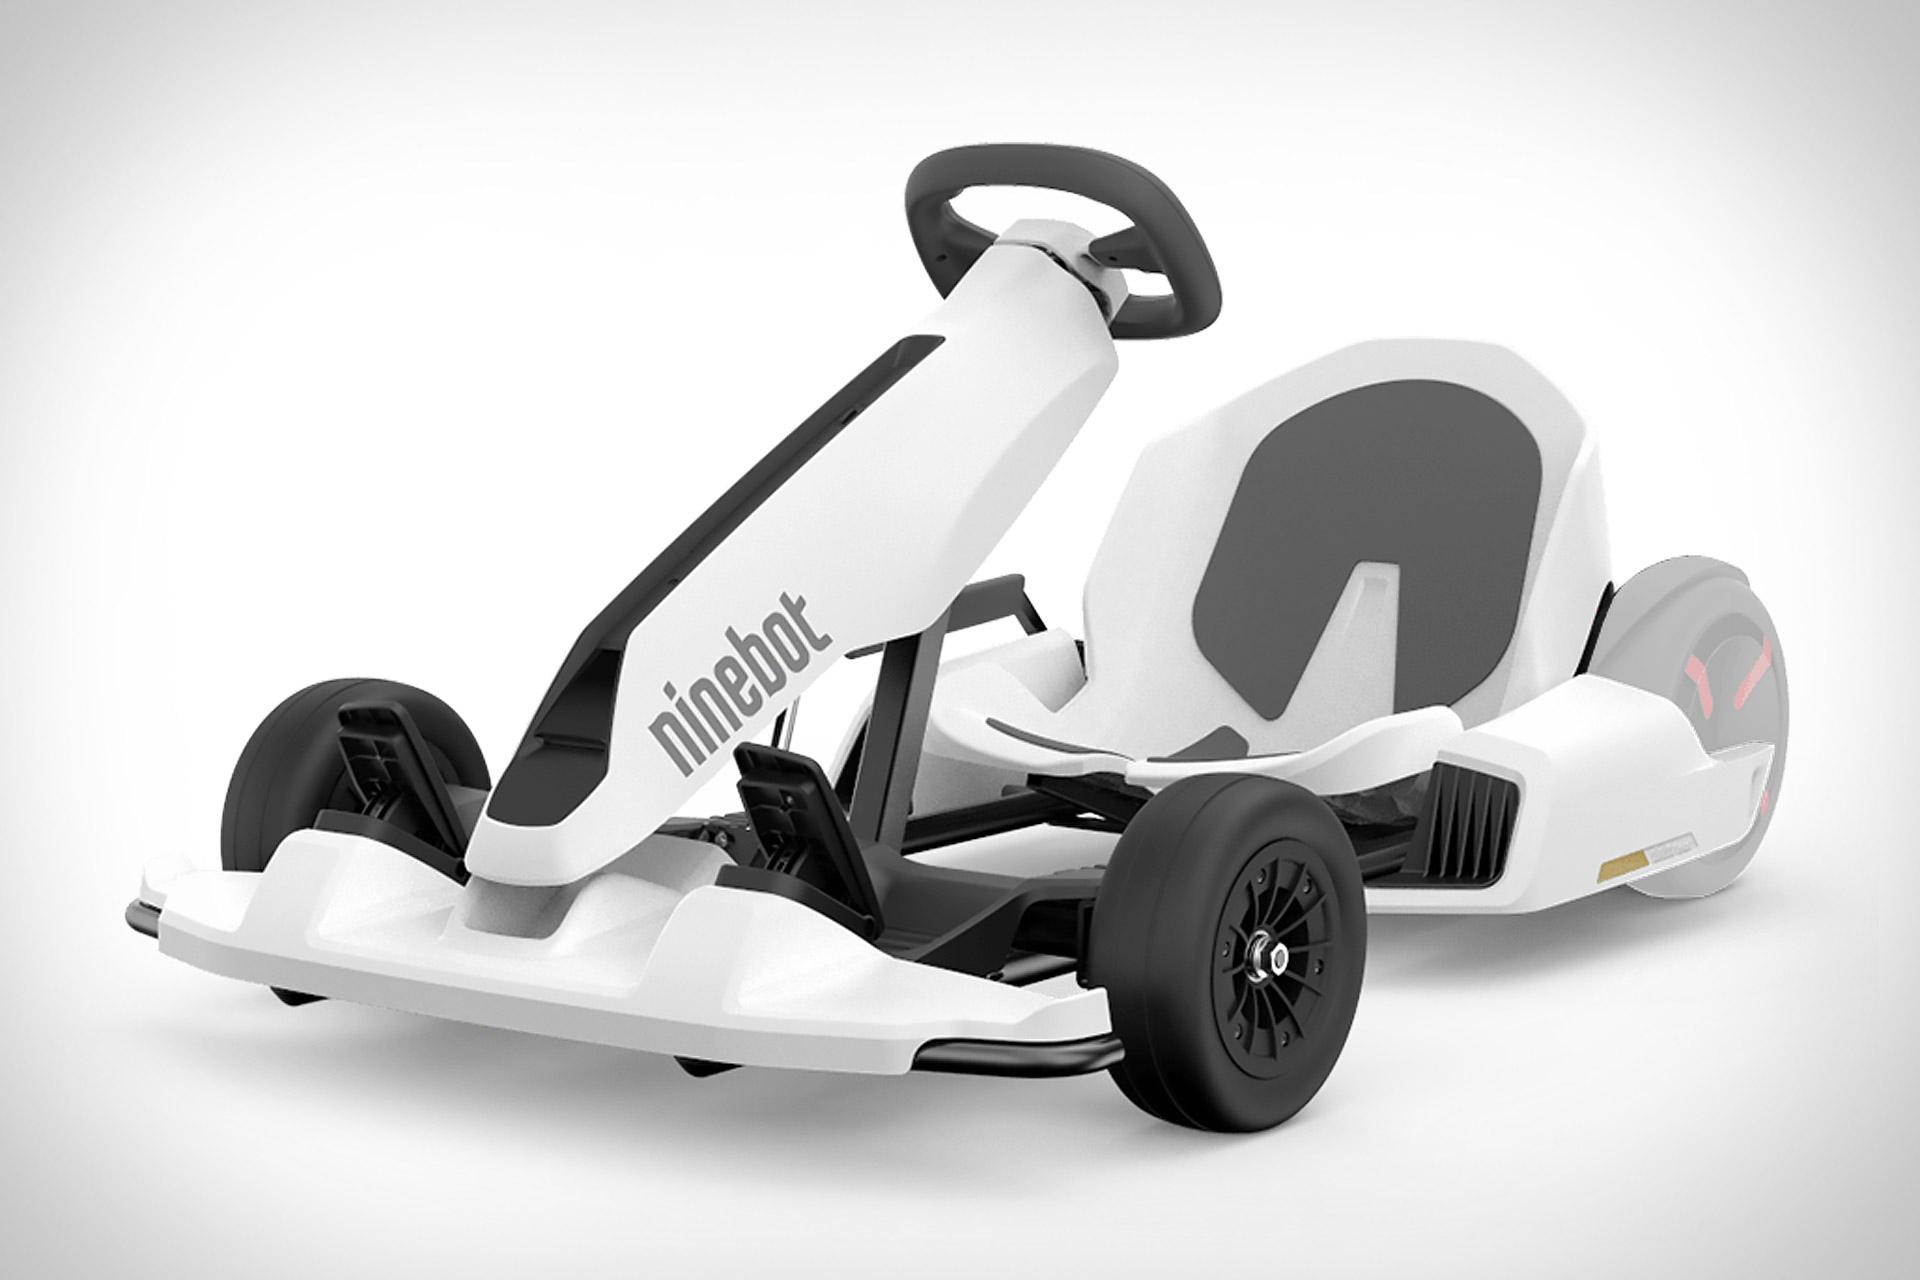 Segway Electric Gokart